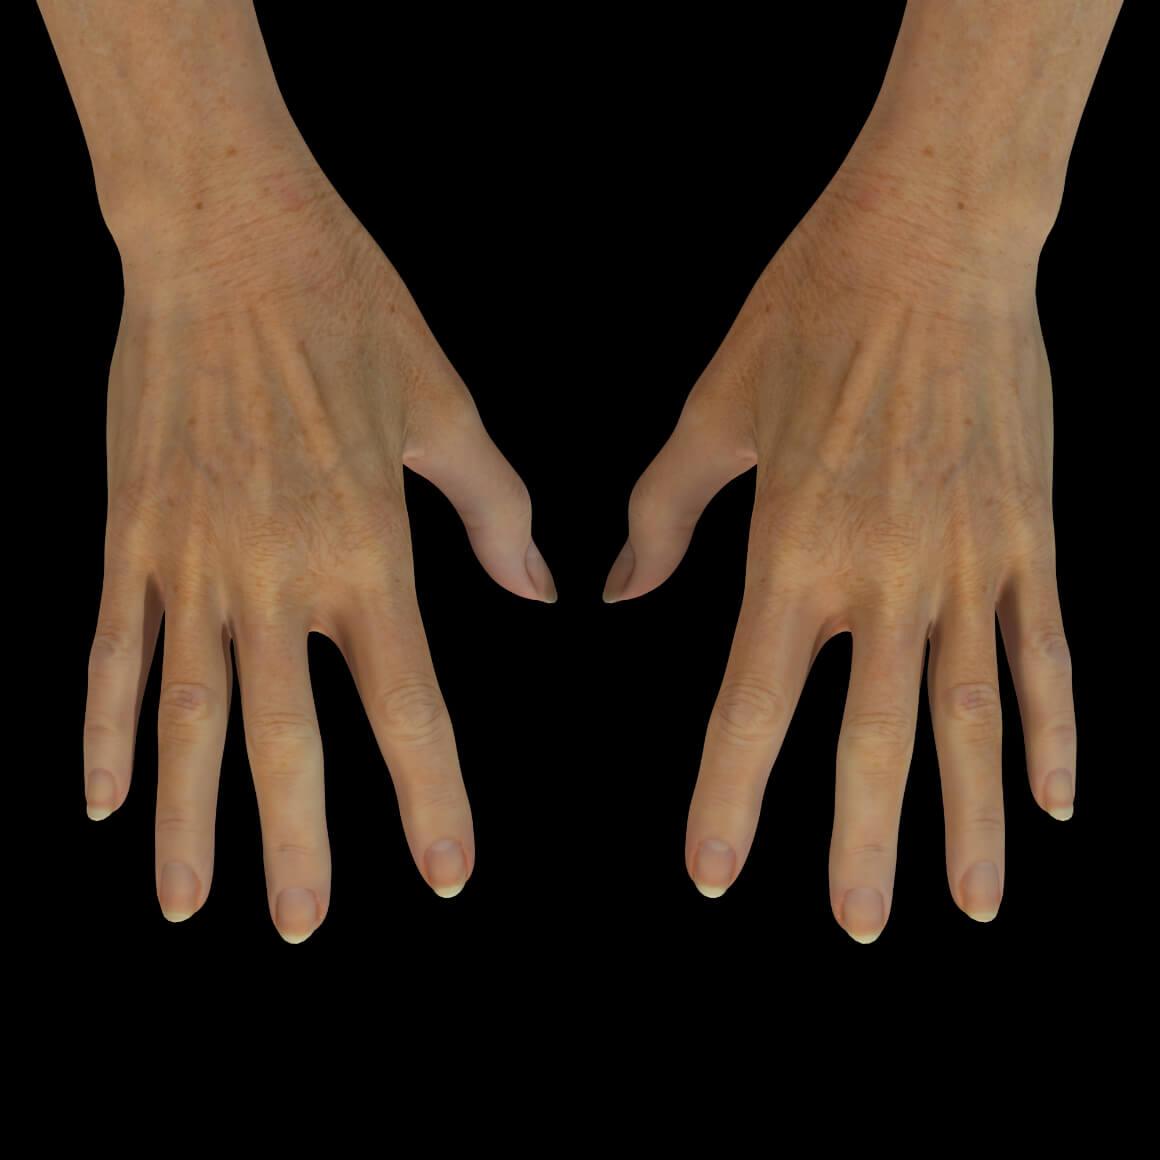 Mains d'une patiente de la Clinique Chloé après un traitement de photorajeunissement IPL pour effacer les taches pigmentaires